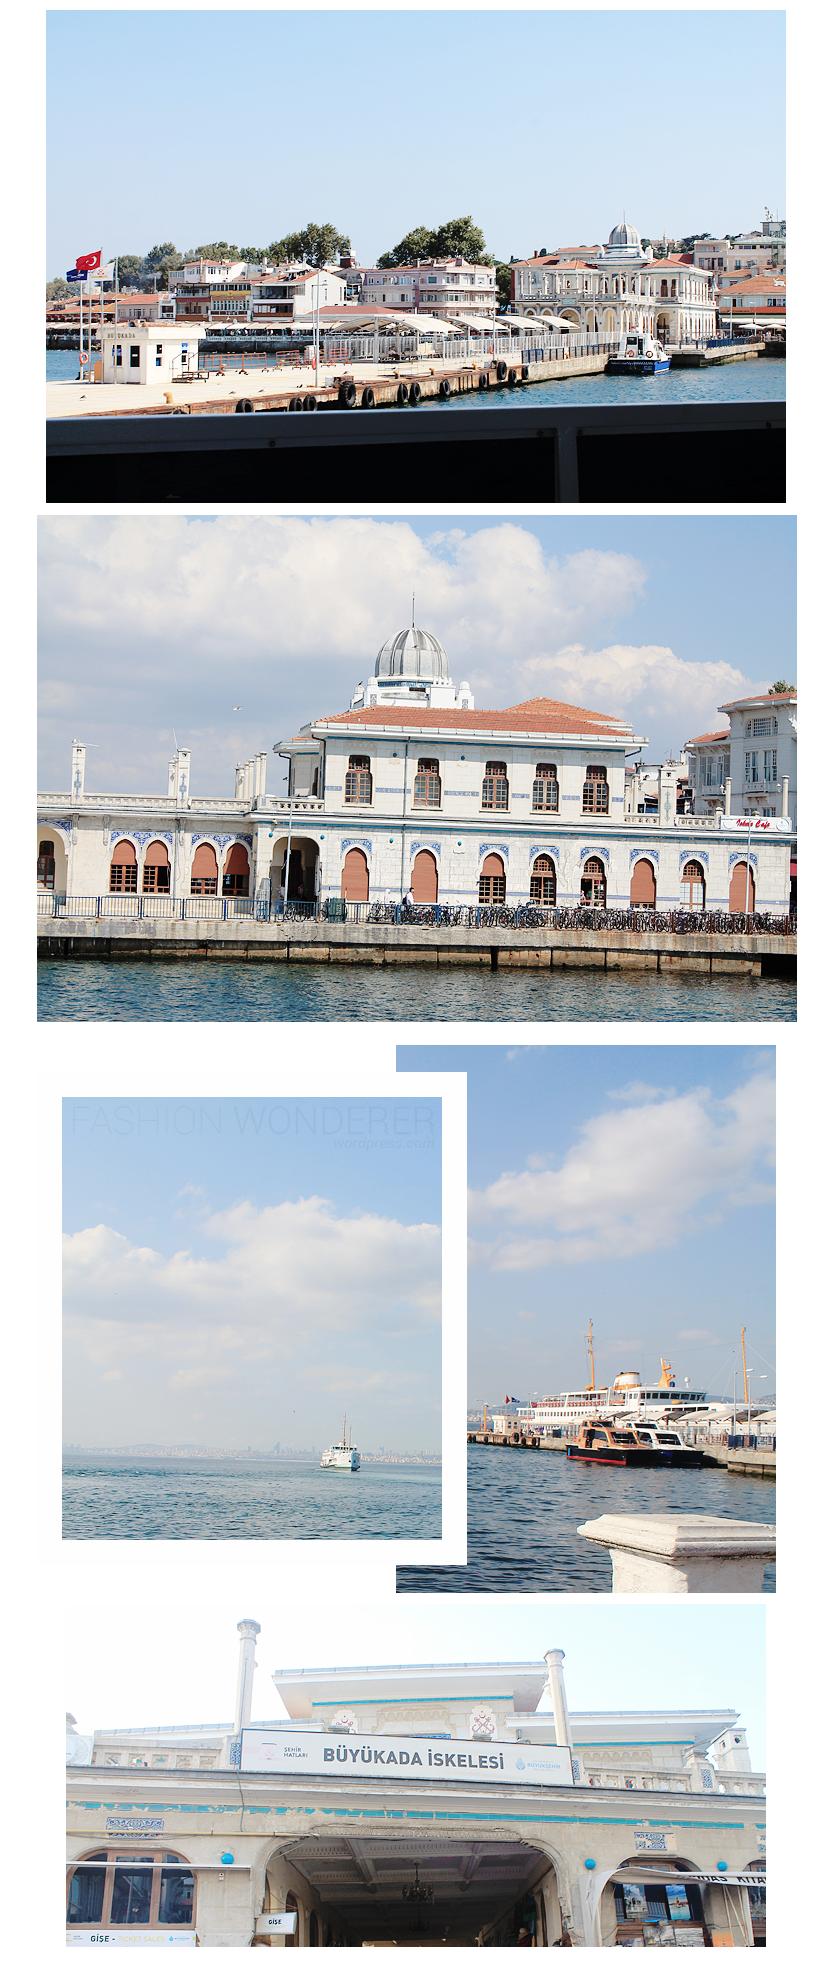 istanbul-fashionwonderer 2